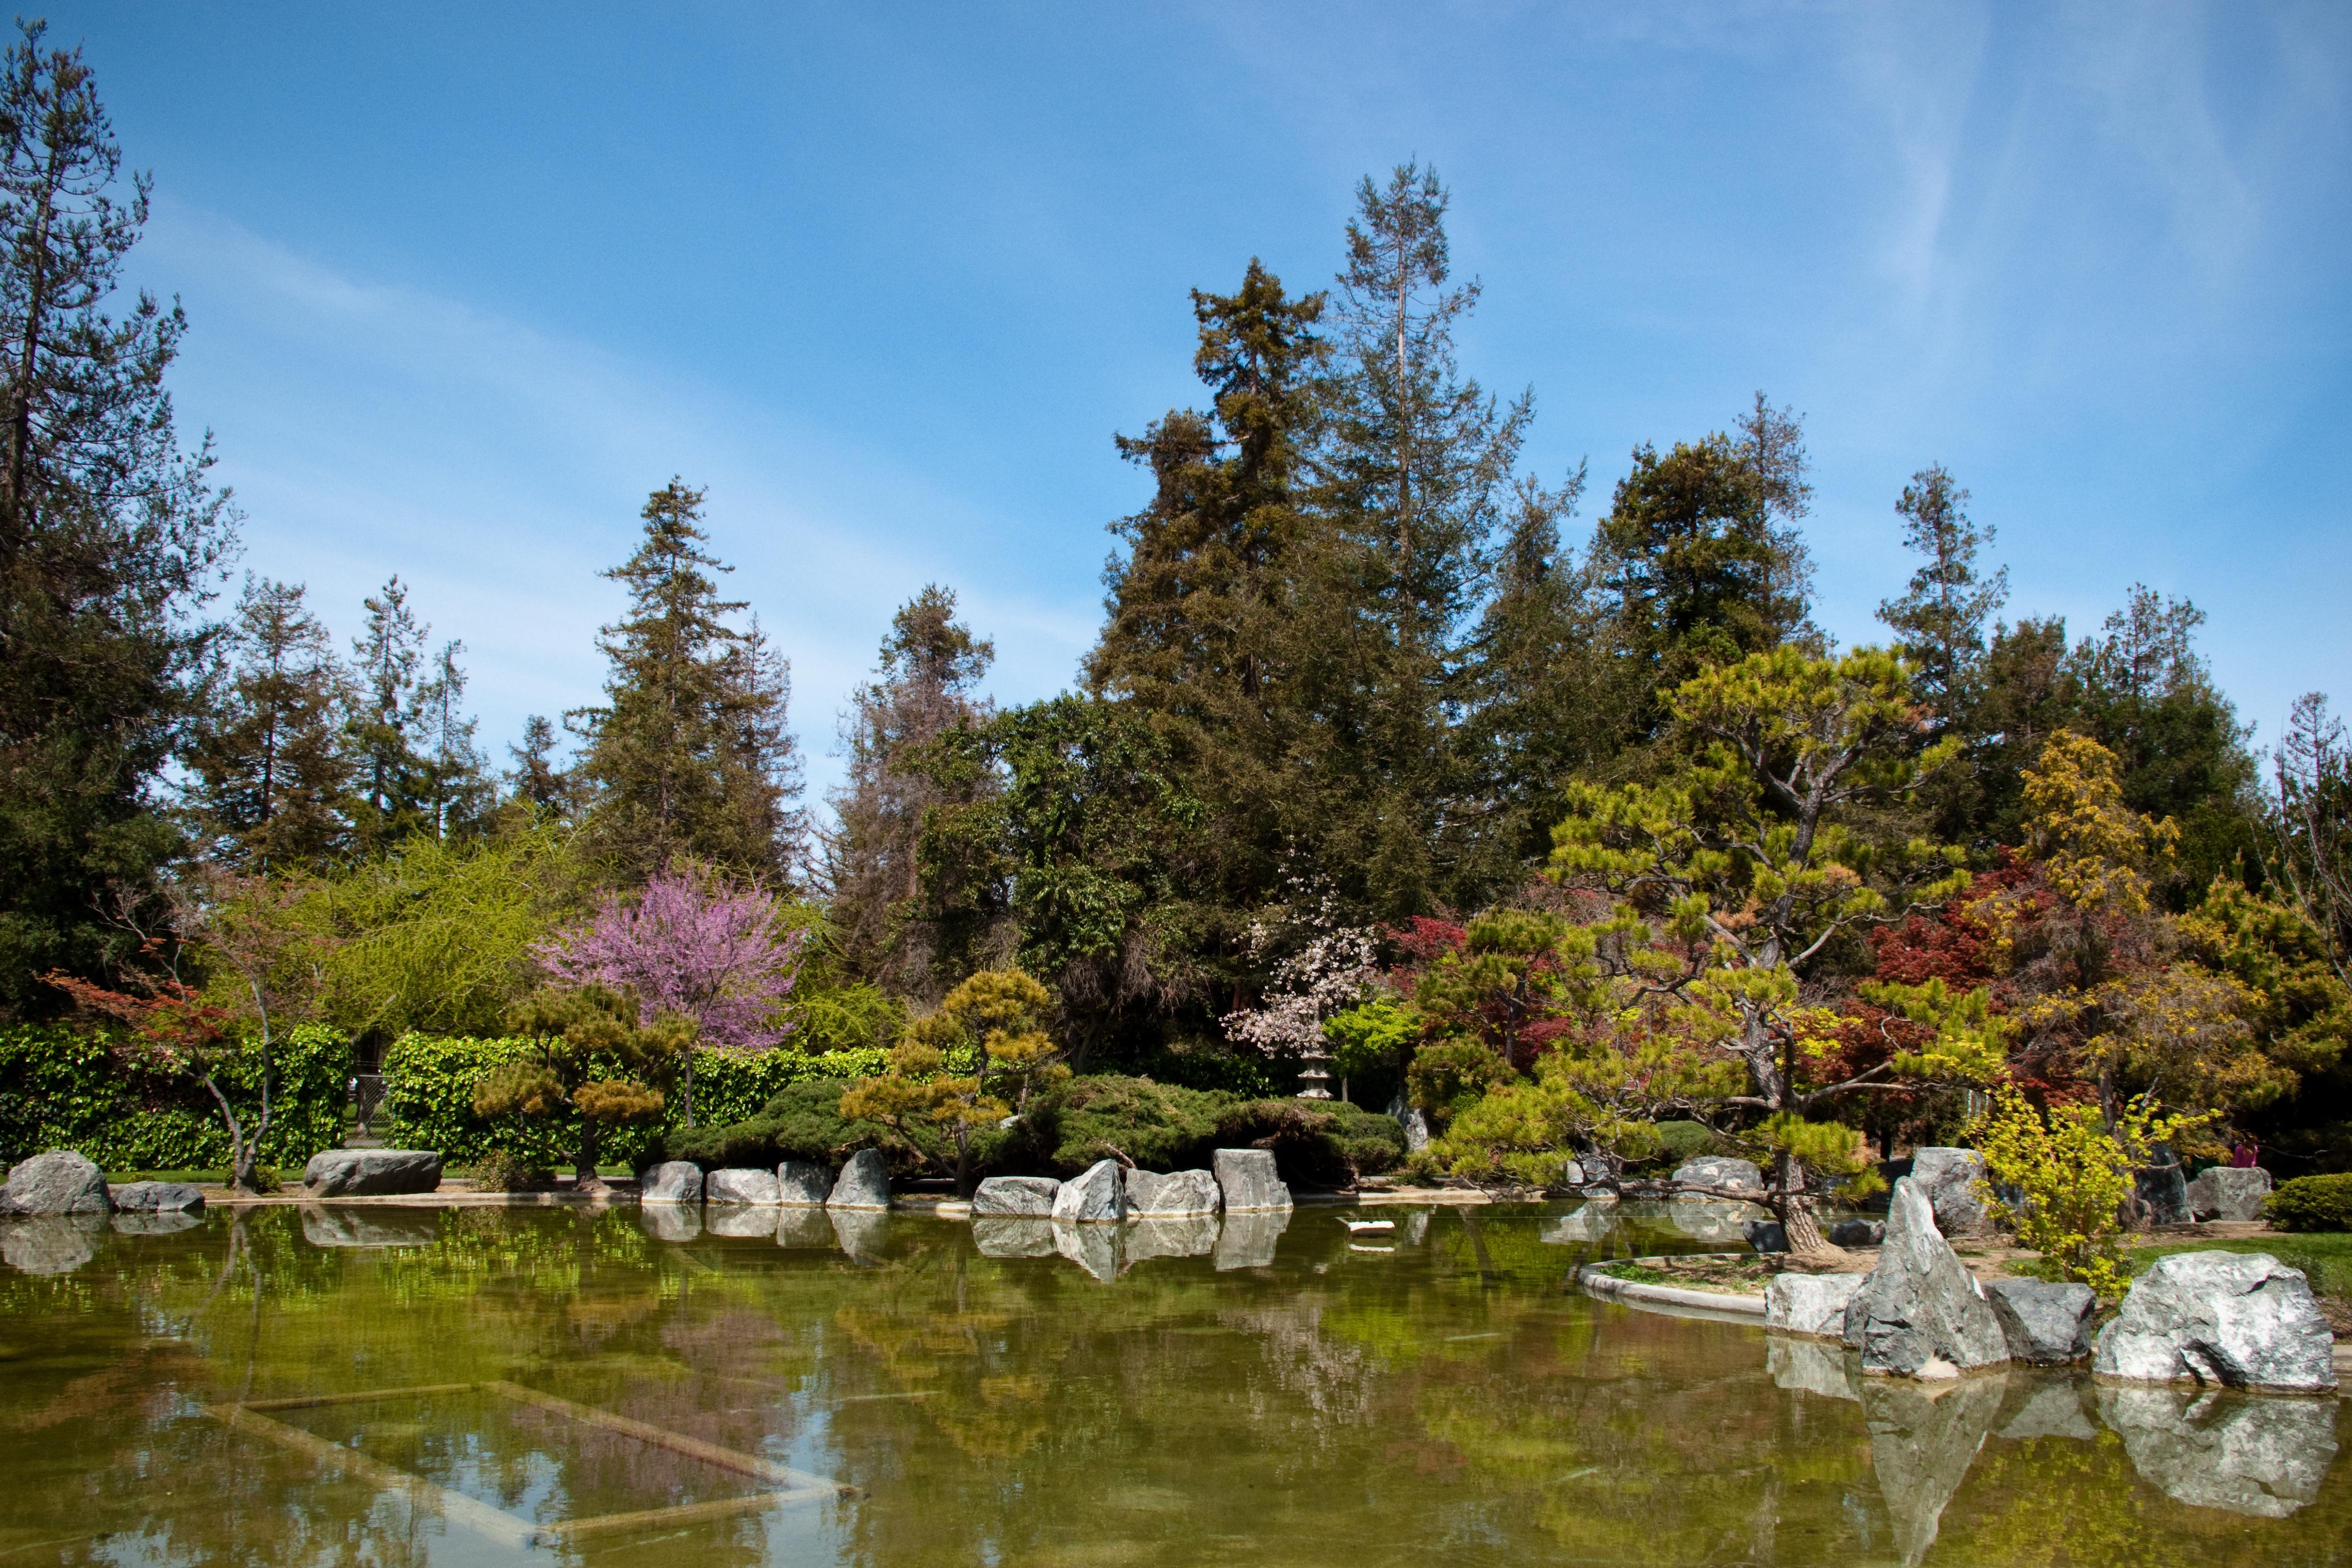 File:Japanese Friendship Garden (4527070314).jpg - Wikimedia Commons